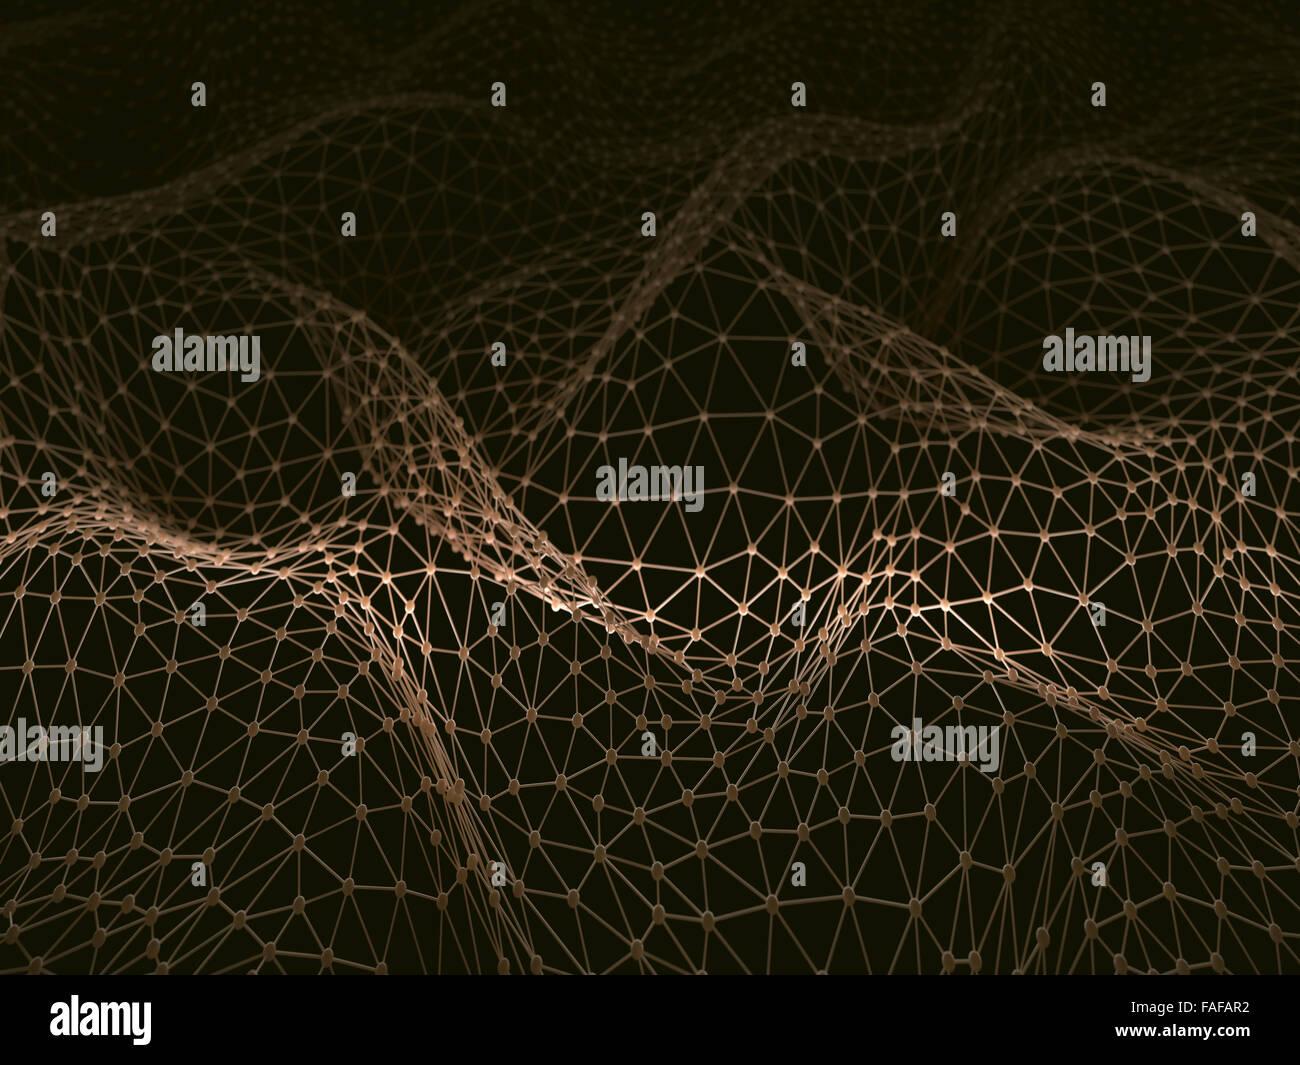 Immagine astratta che rappresentano le connessioni di comunicazione e di tecnologie dell'informazione. Immagine Immagini Stock